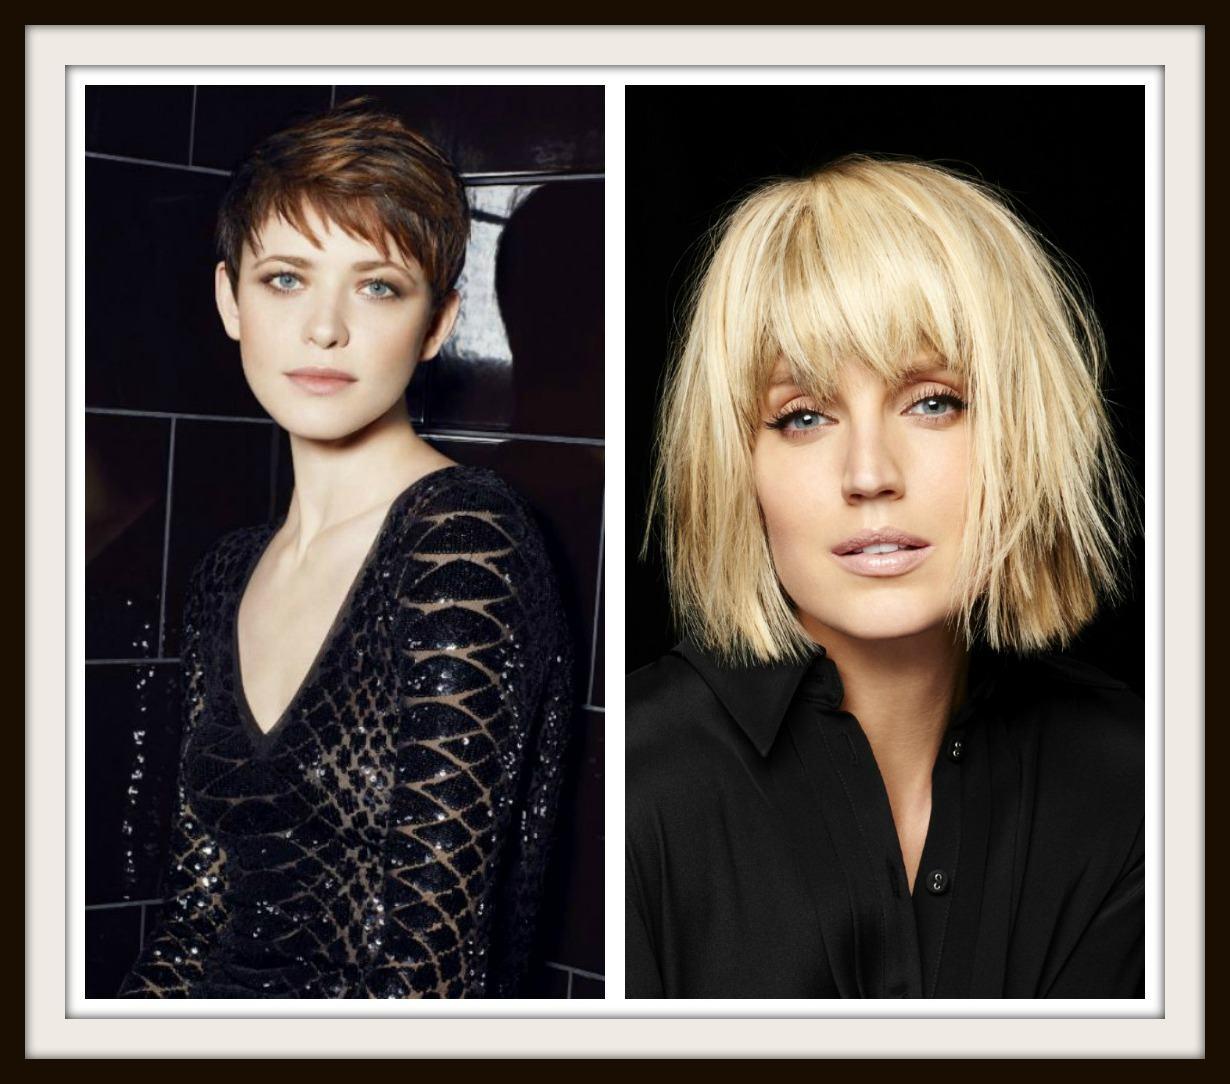 Tagli di capelli donne famose